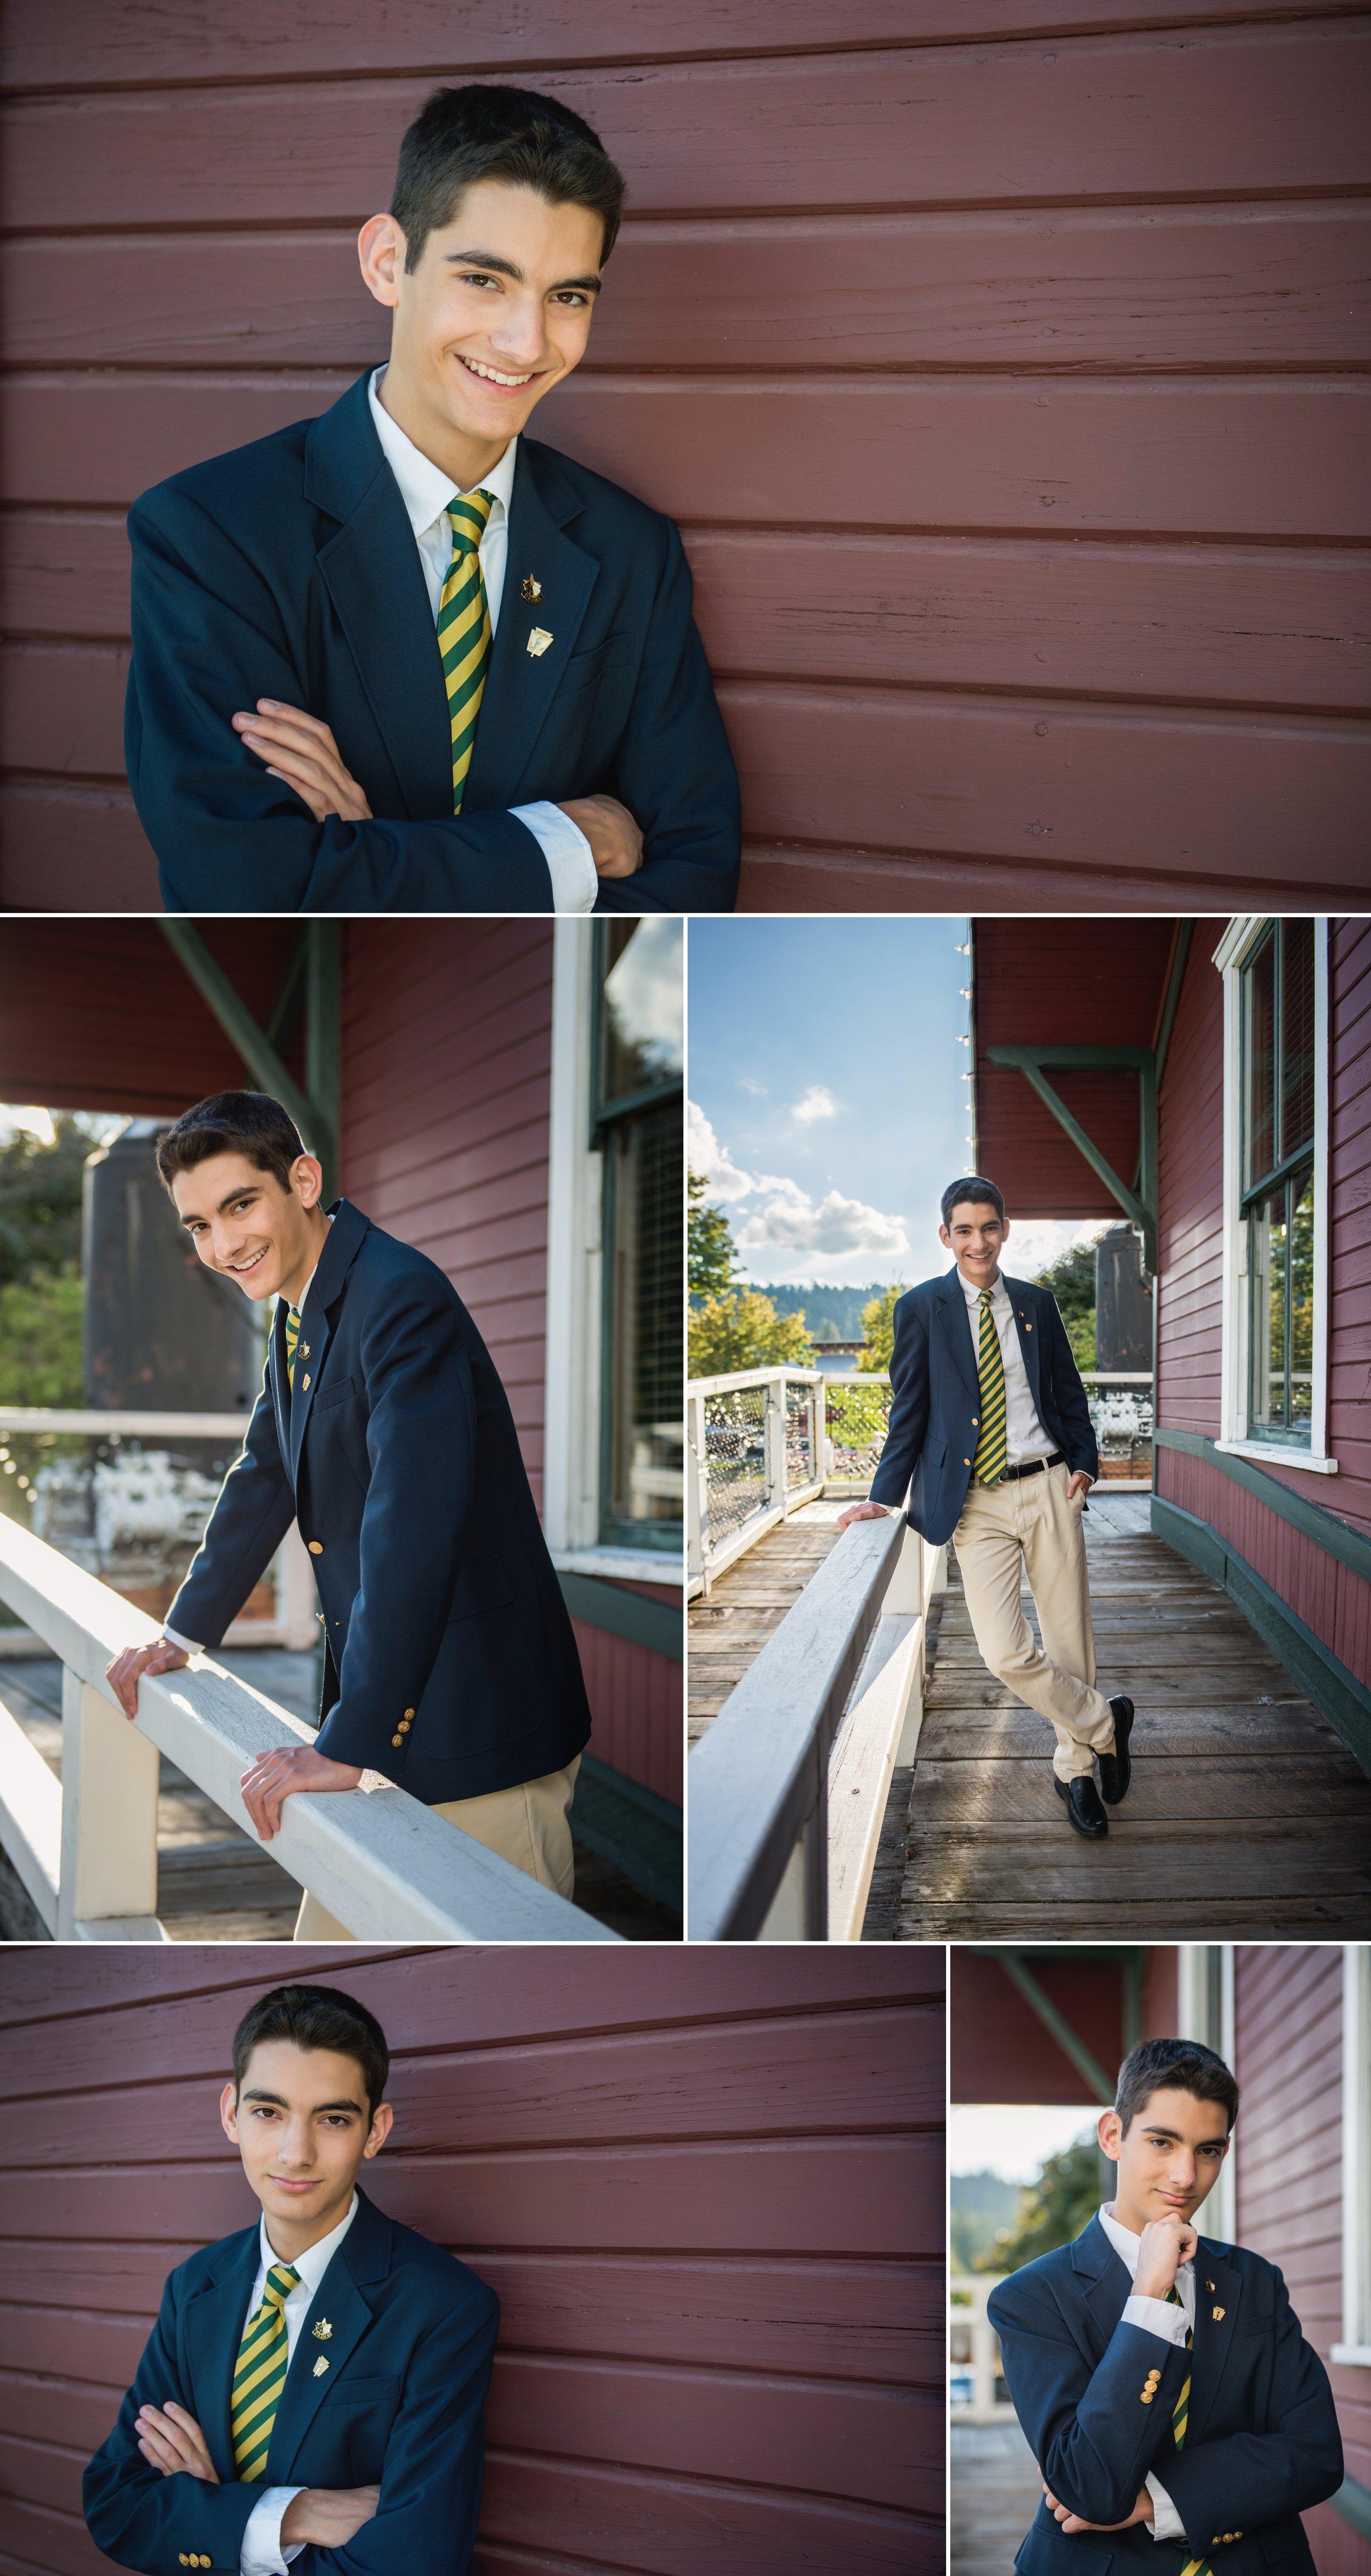 Mary Vance Photography Senior Guy Photographer Sammamish Washington